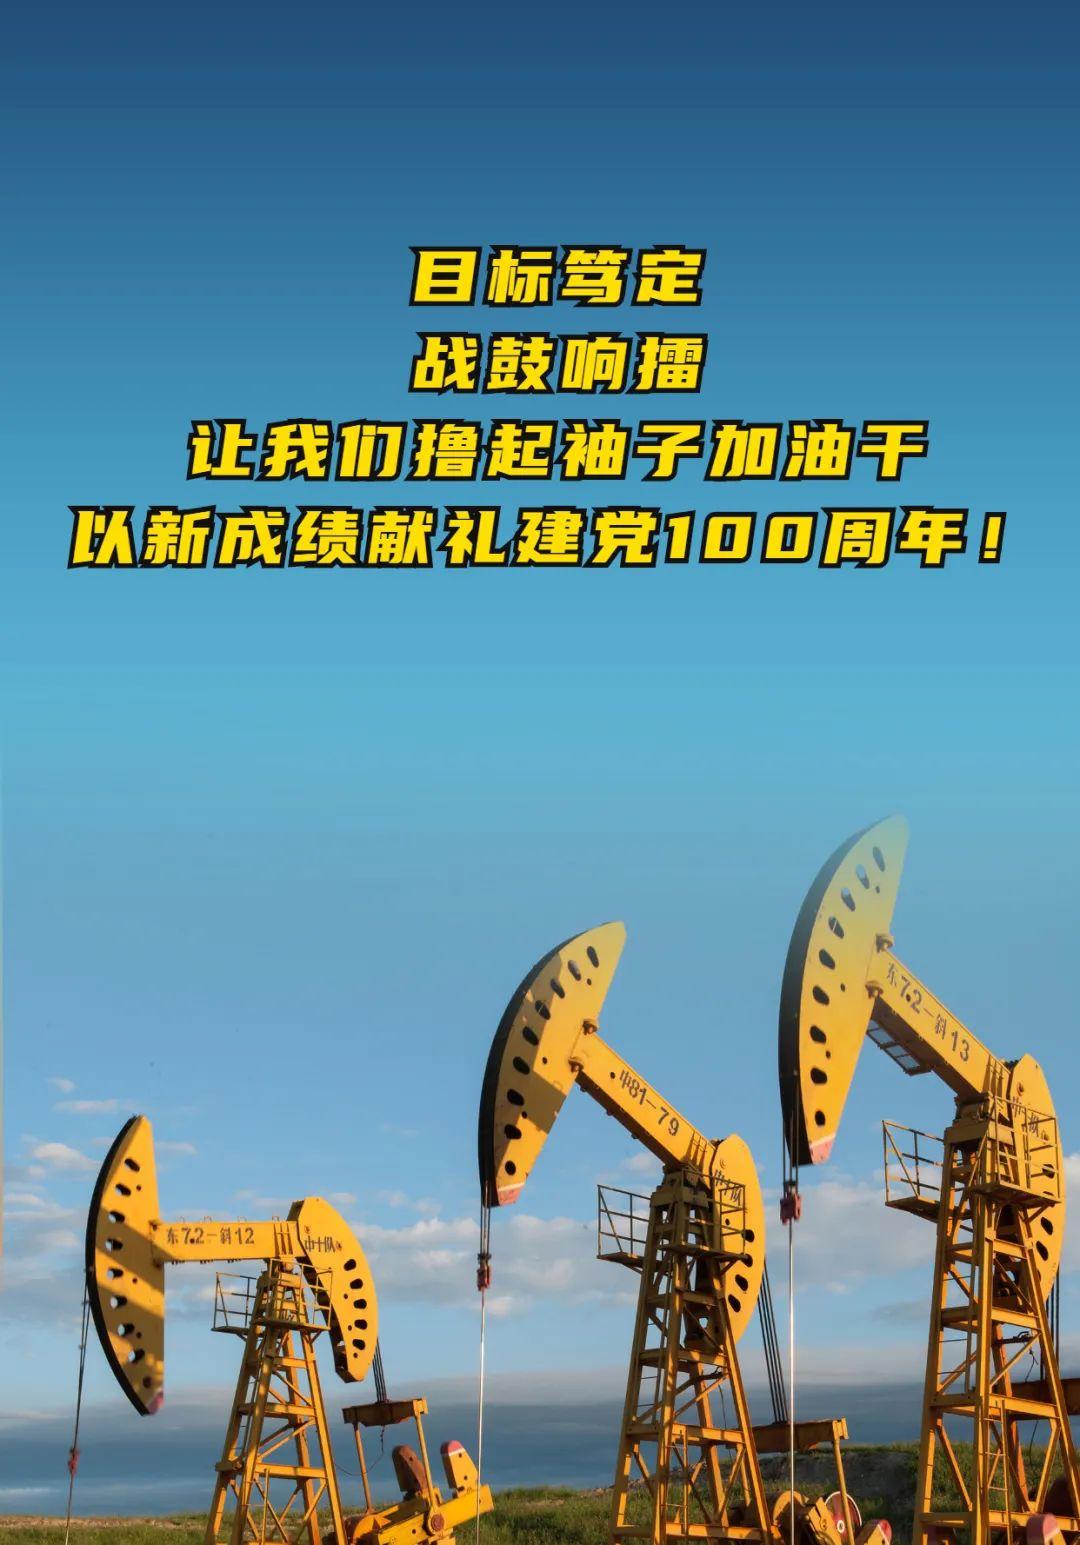 """定了!中石油""""十四五""""勘探与生产业务要干6项大事"""